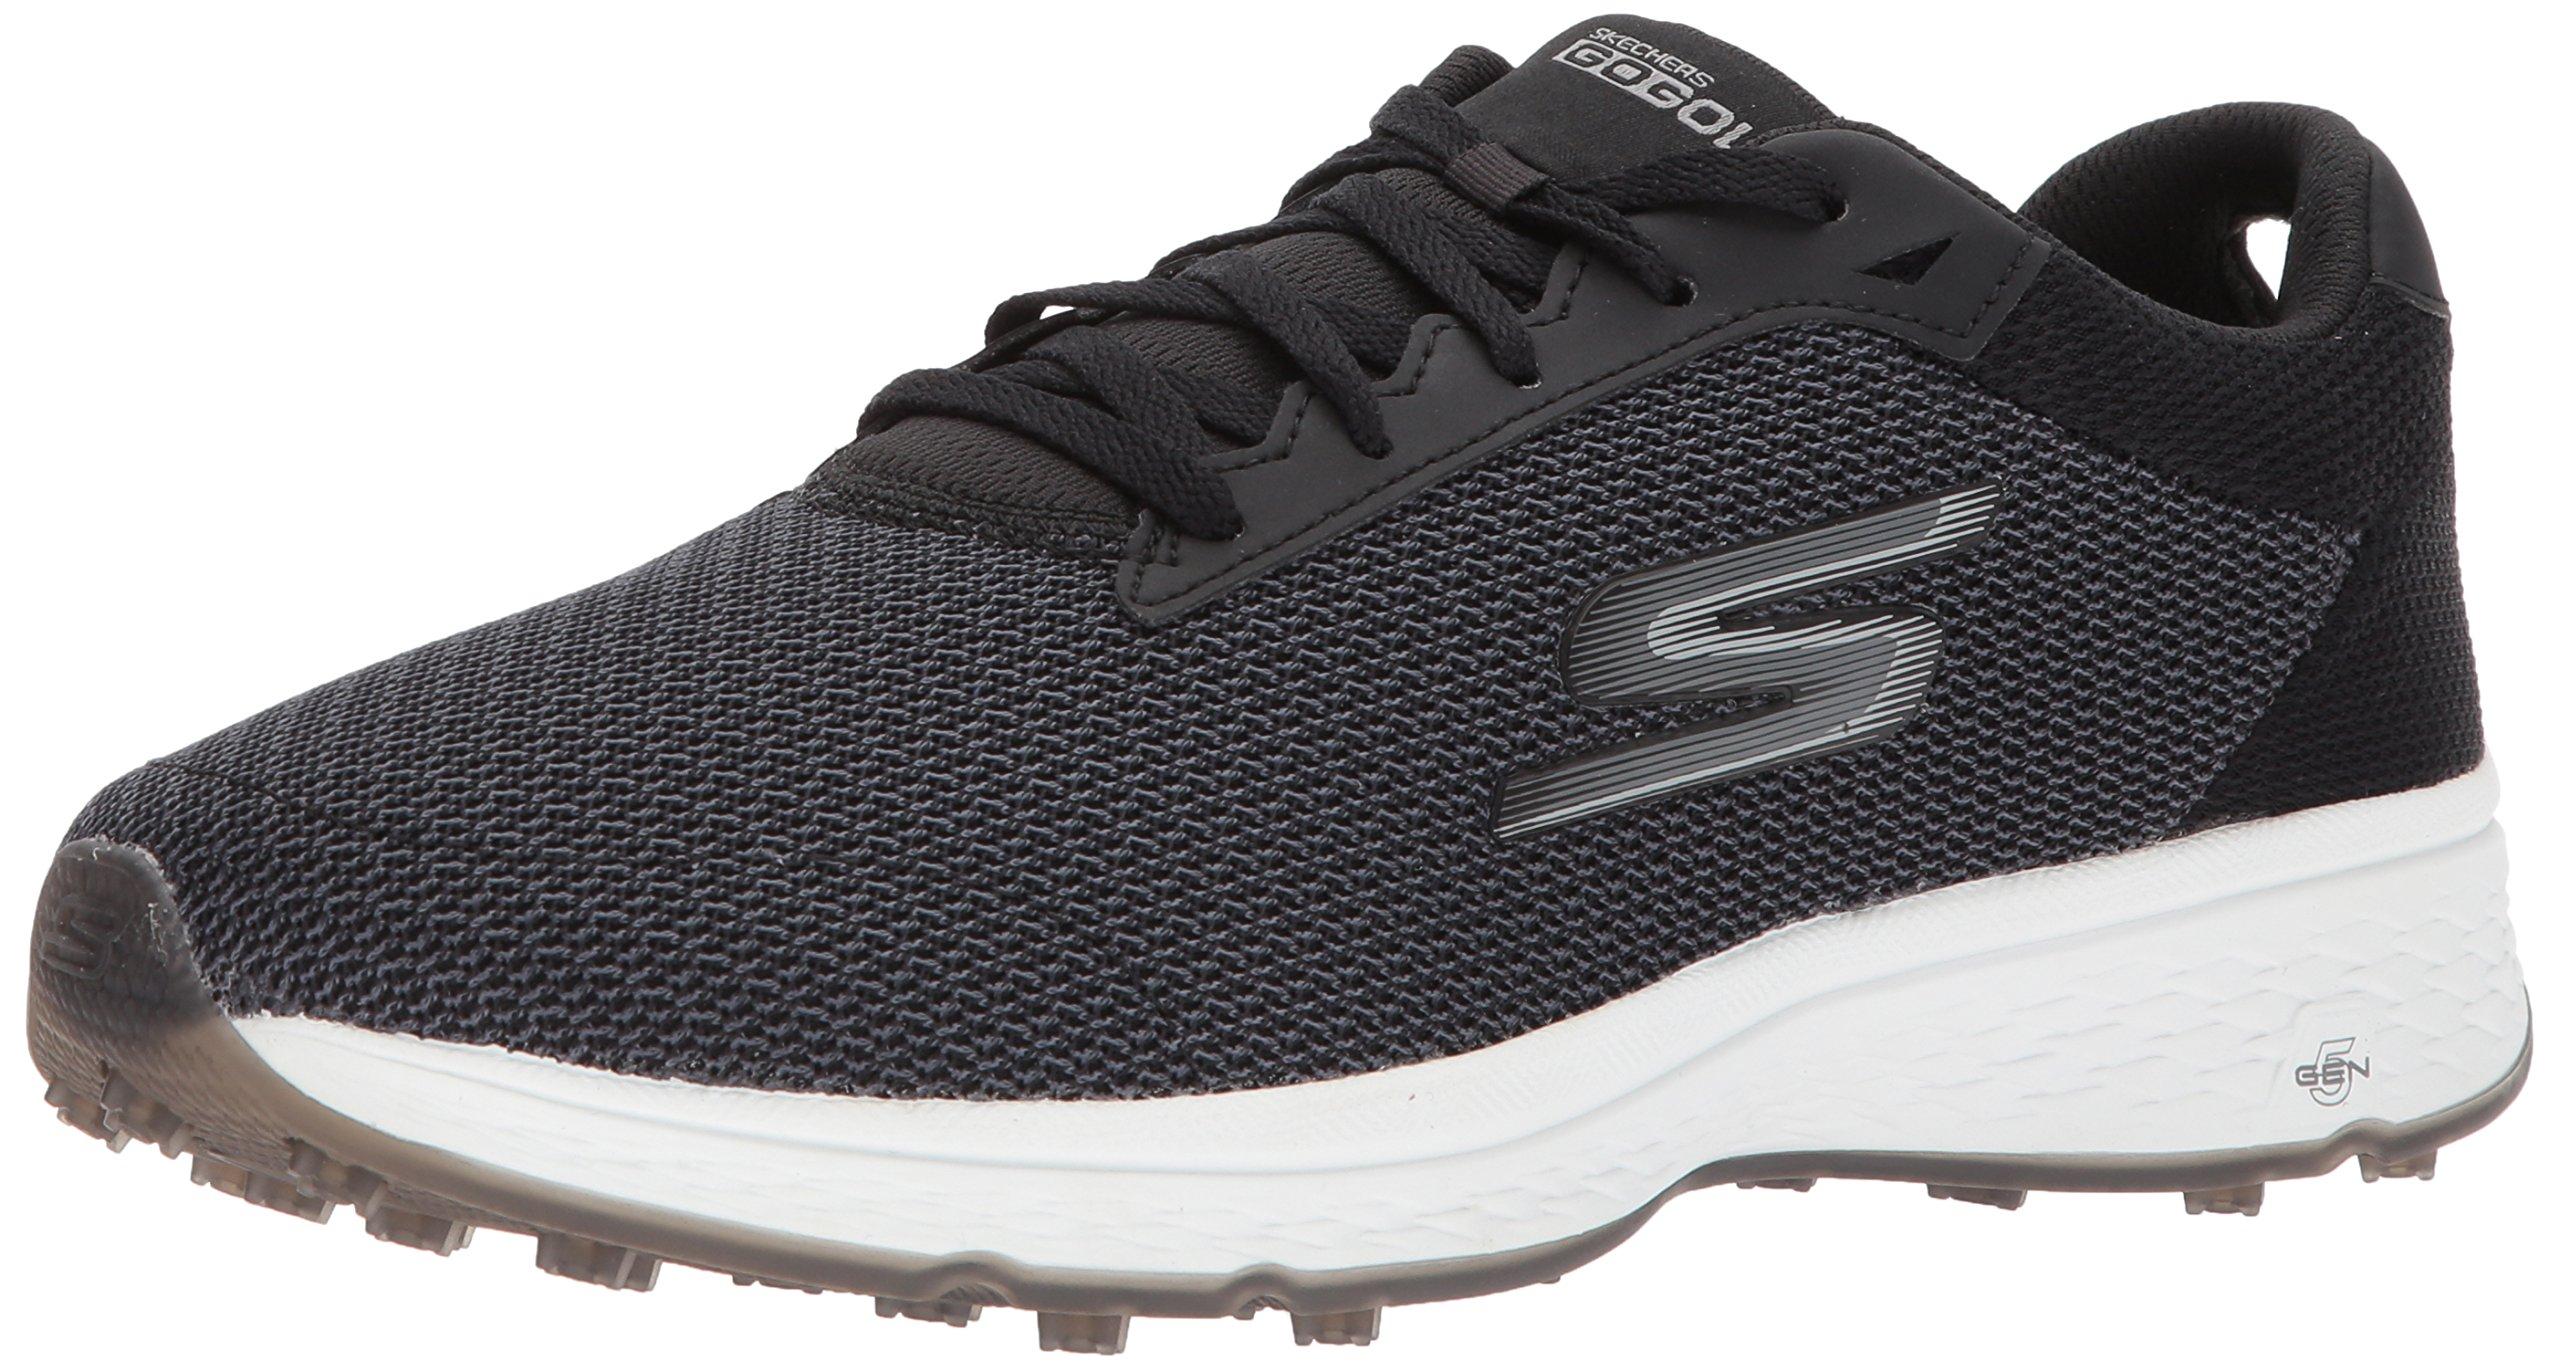 Skechers Golf Men's Go Golf Fairway Golf Shoe, Black/White, 7.5 2E US